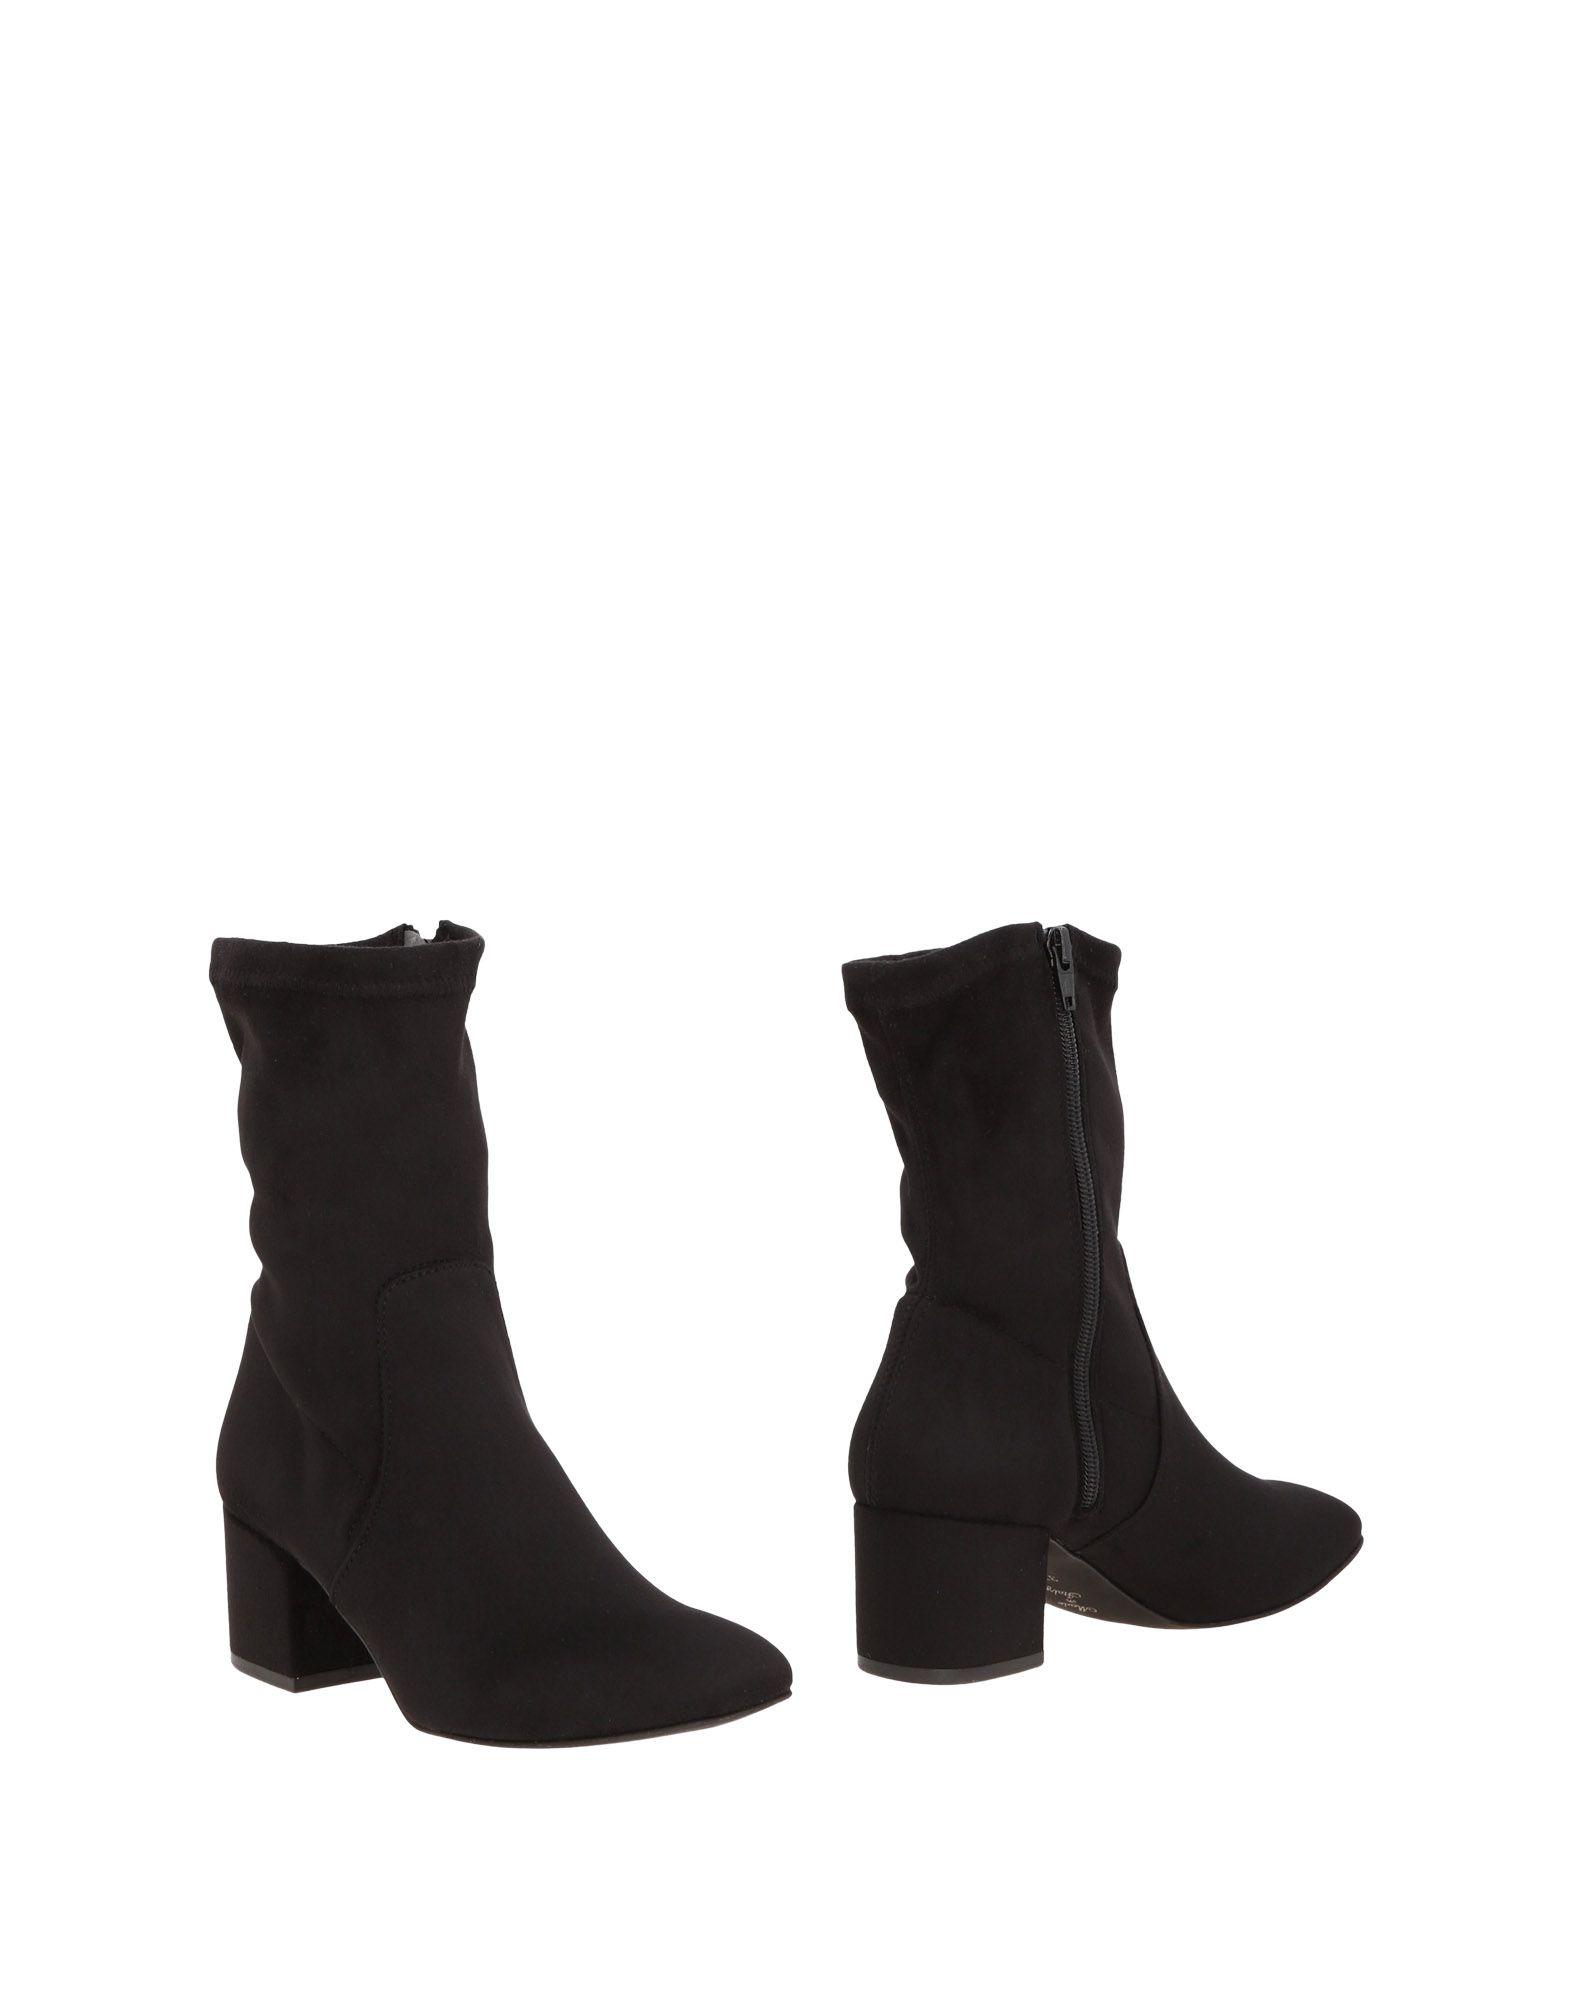 Nila & Nila Ankle Boot - Women Nila & Nila  Ankle Boots online on  Nila Canada - 11474446TM 79a440